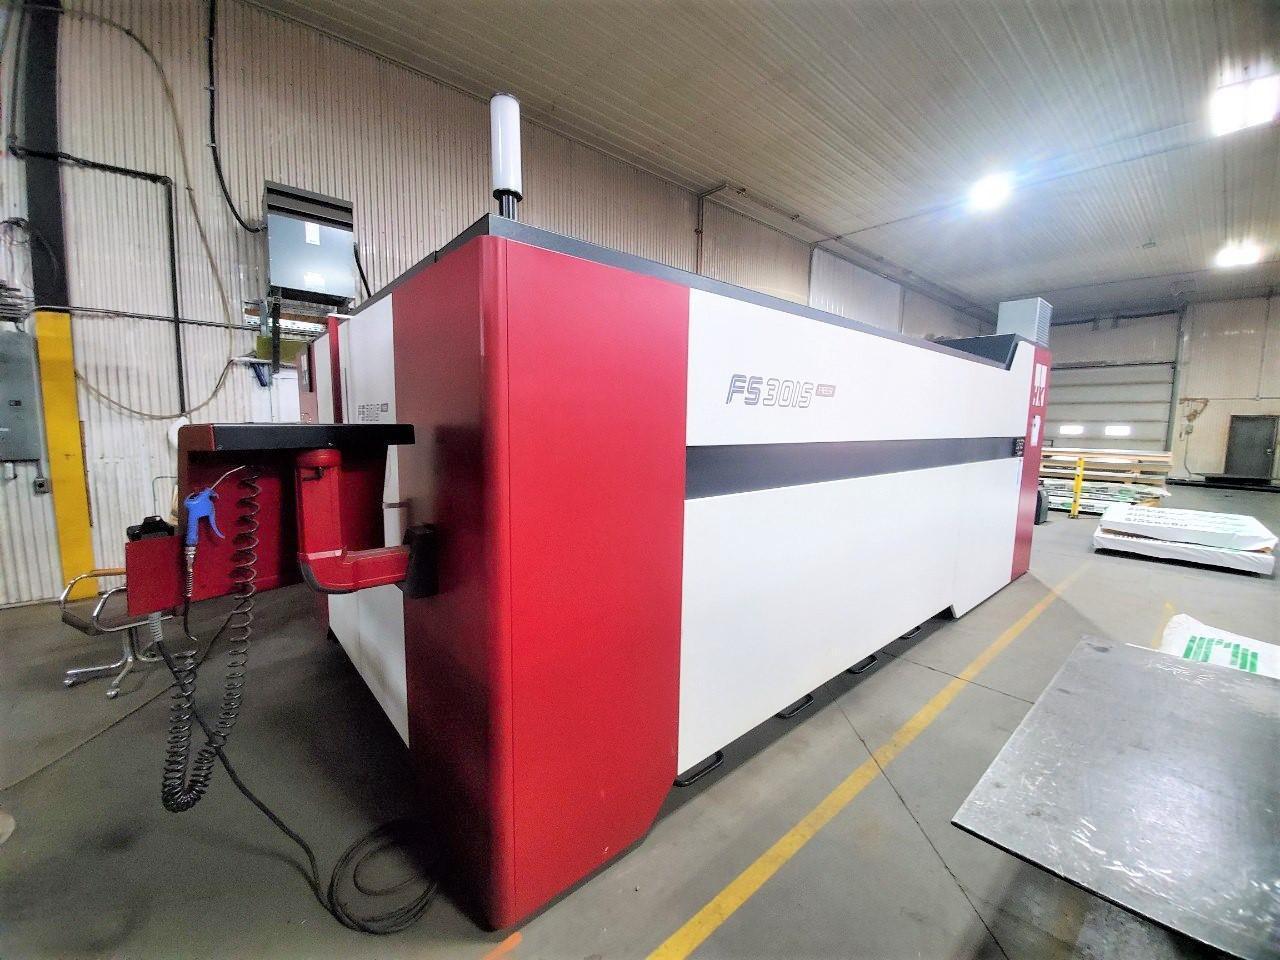 2018 HK FS3015, 5x10, 4000 Watt Fiber Laser